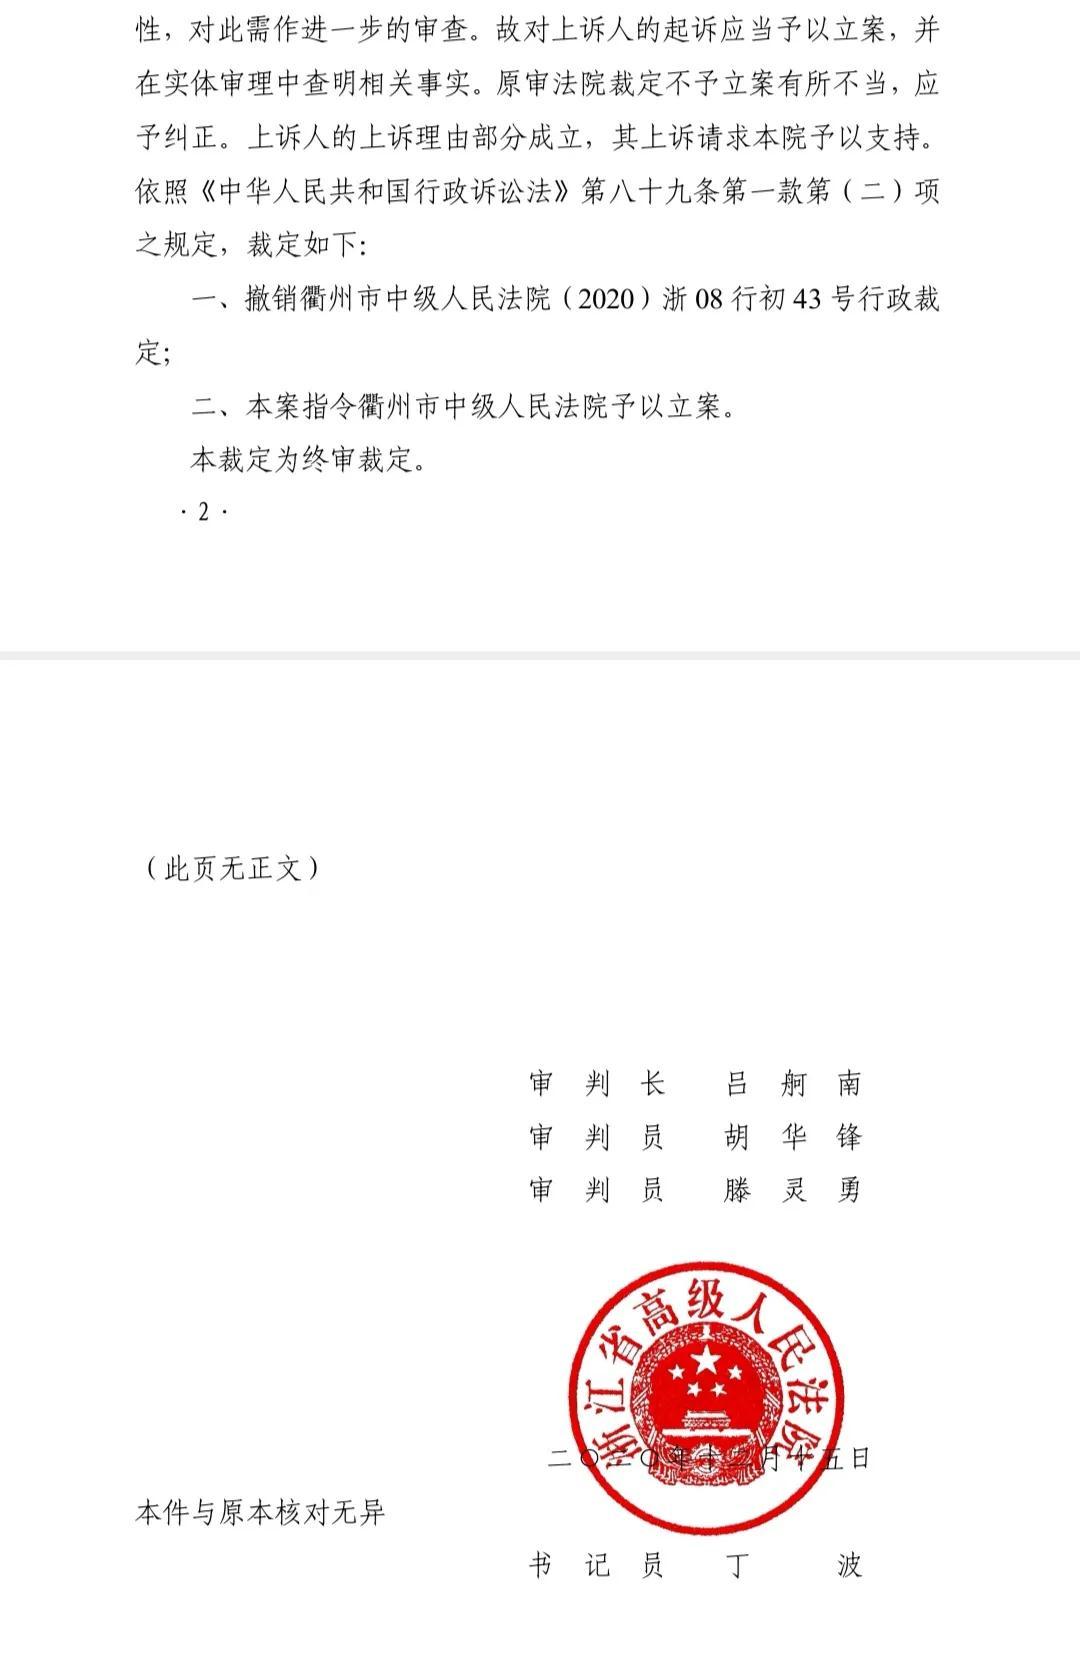 【浙江省拆迁】衢州市吴先生等人与衢州市人民政府土地行政强制纠纷上诉一案